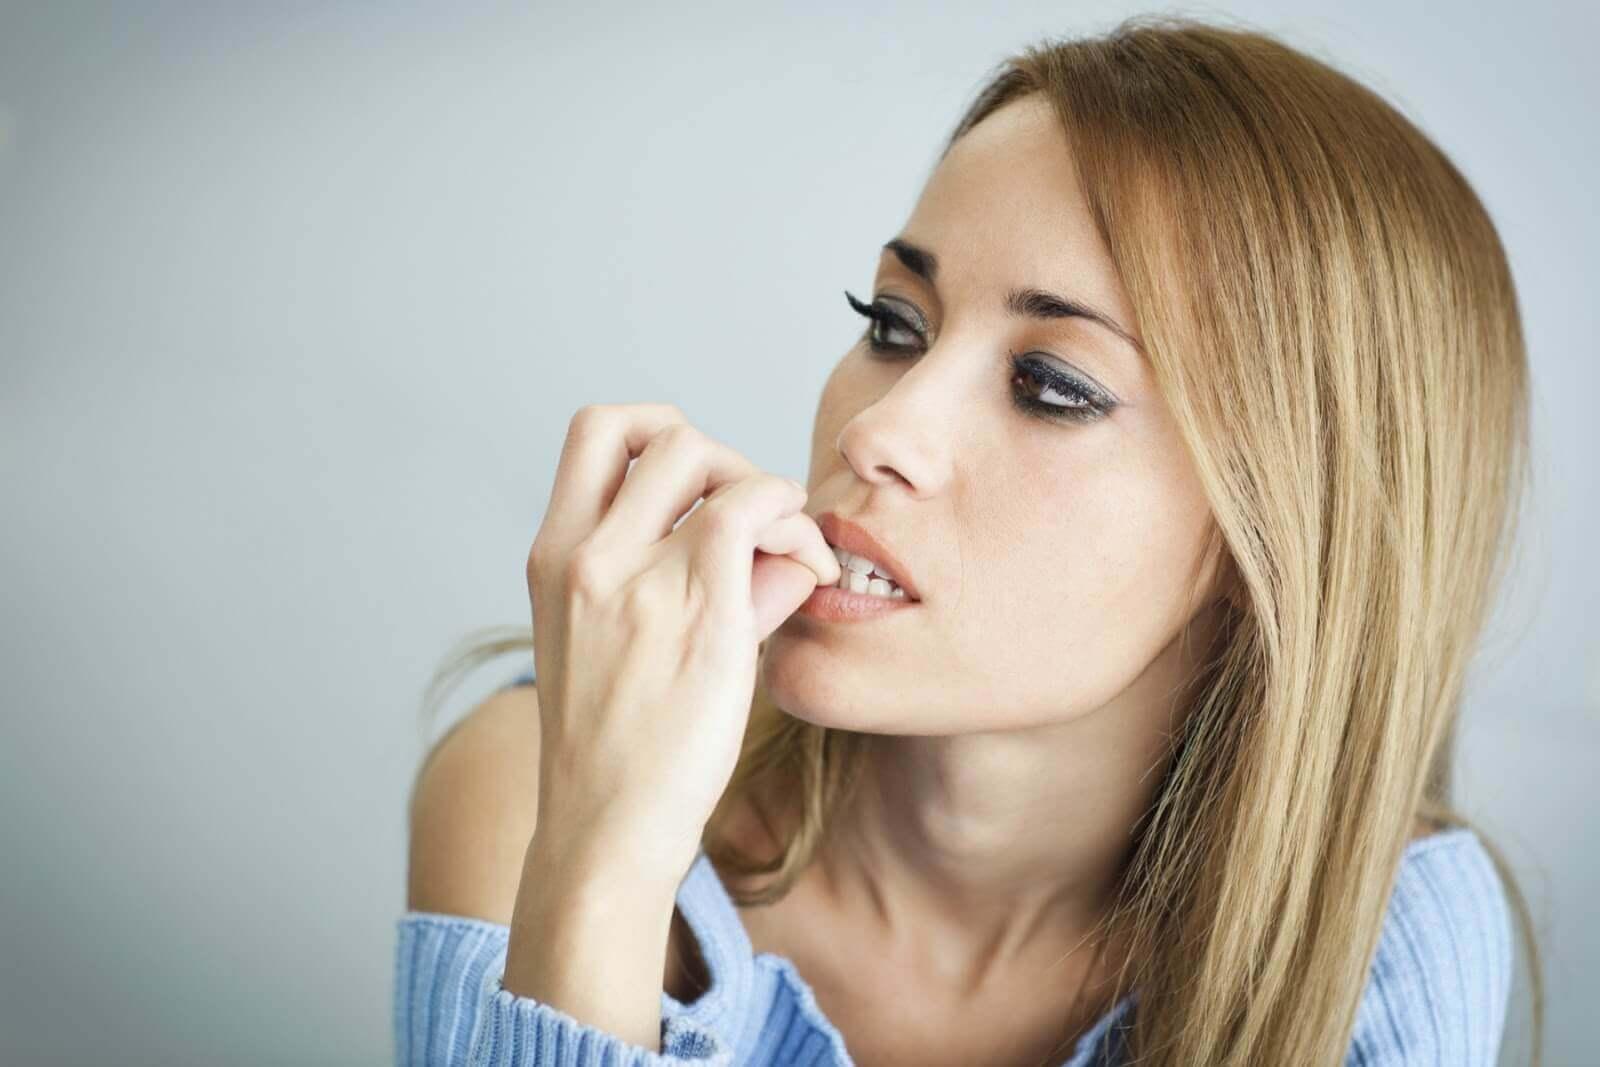 Anxious woman biting nails